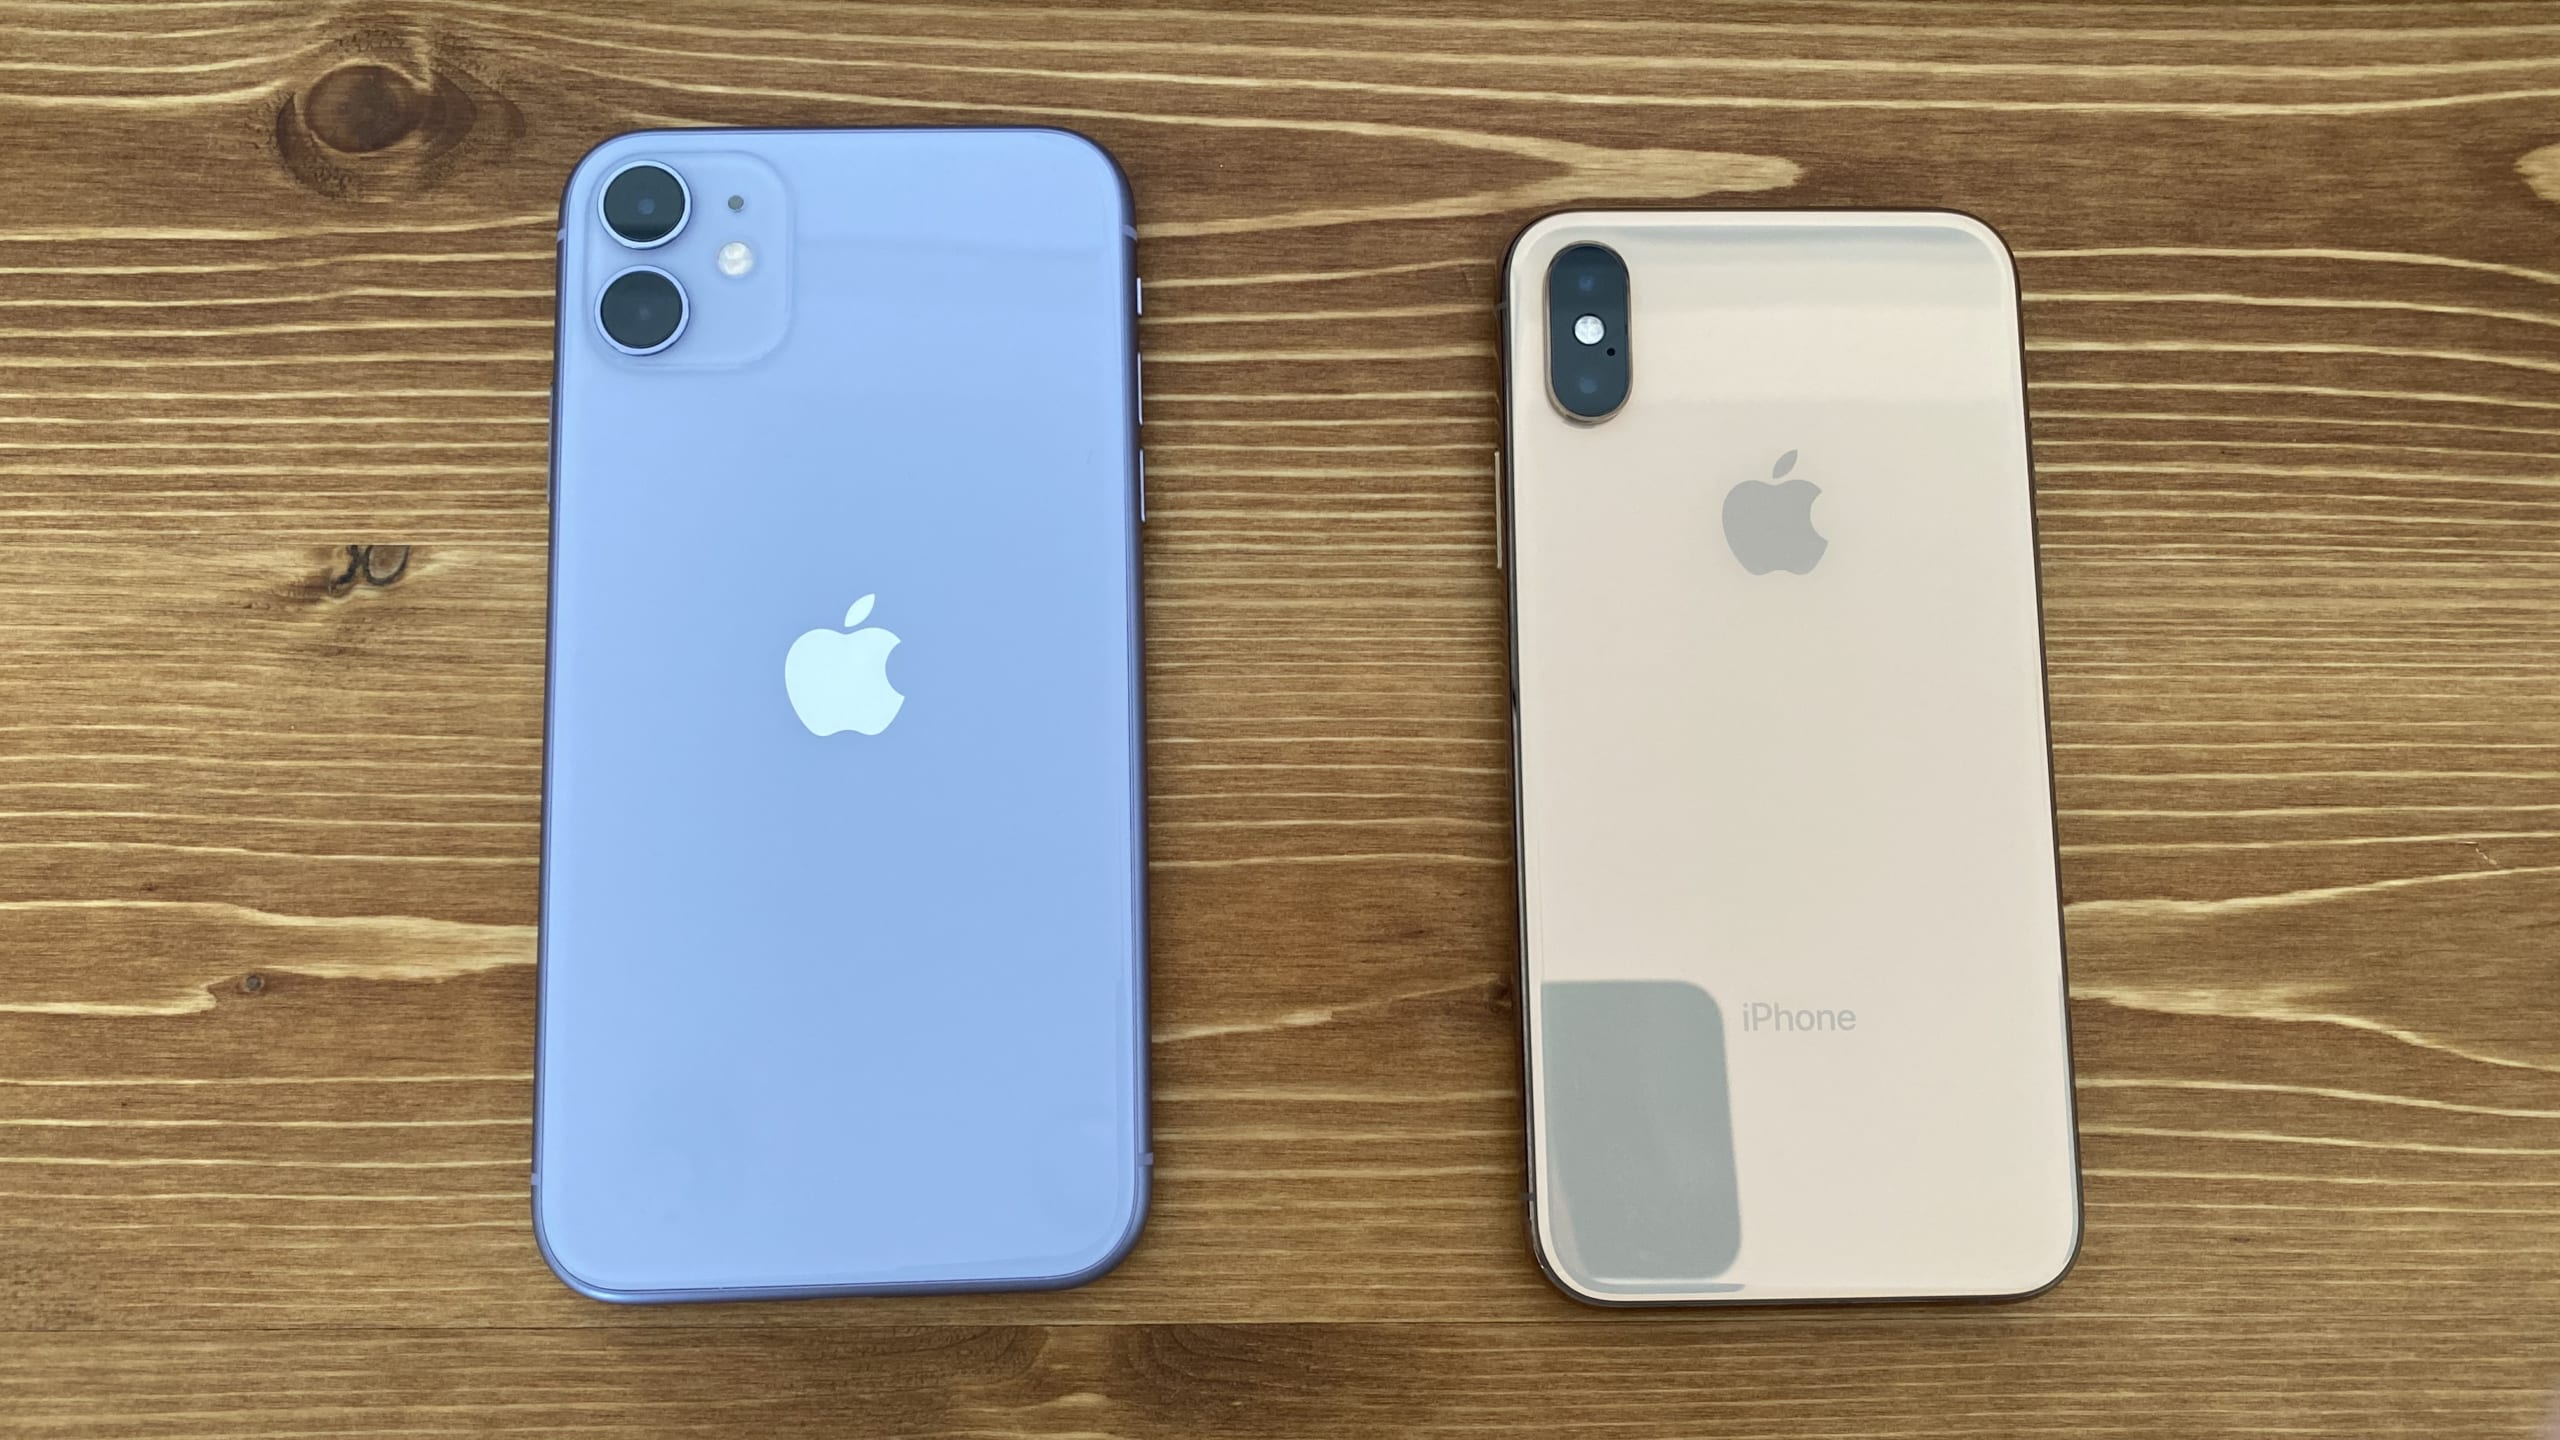 「iPhone11」と「iPhone XS」の違いを比較|値下げの可能性も、どちらが買い?